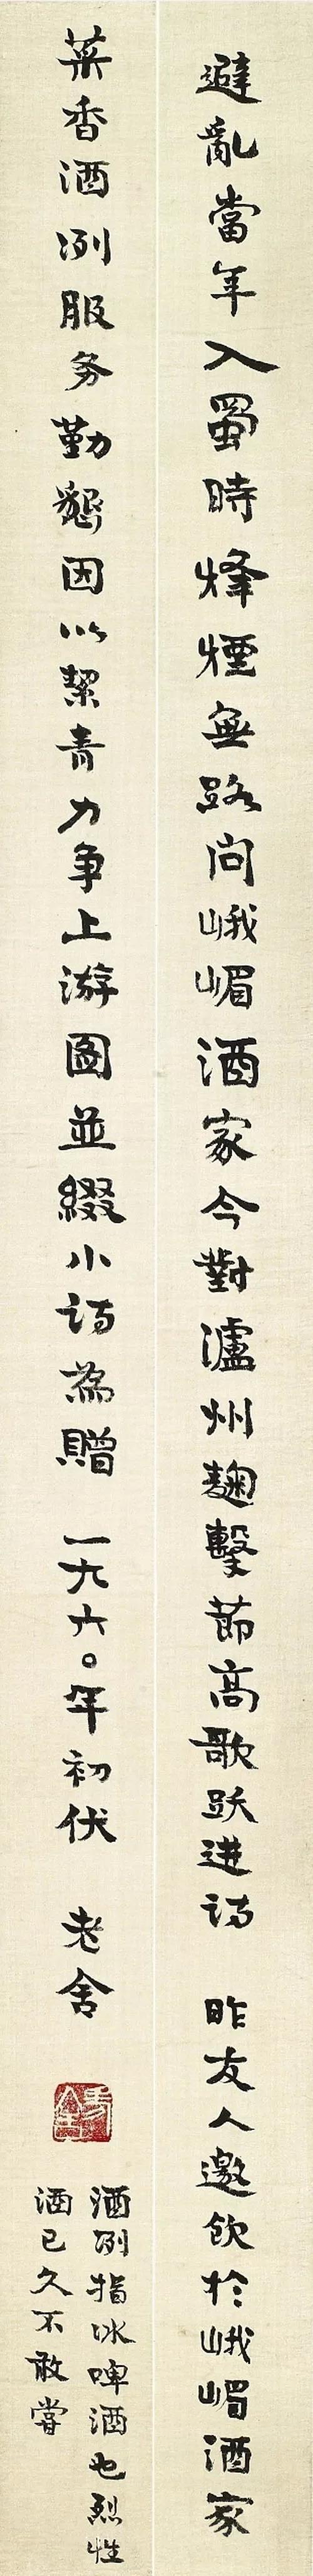 老舍《赠友人句立轴》纸本 (现藏于台湾何创时书法艺术基金会)